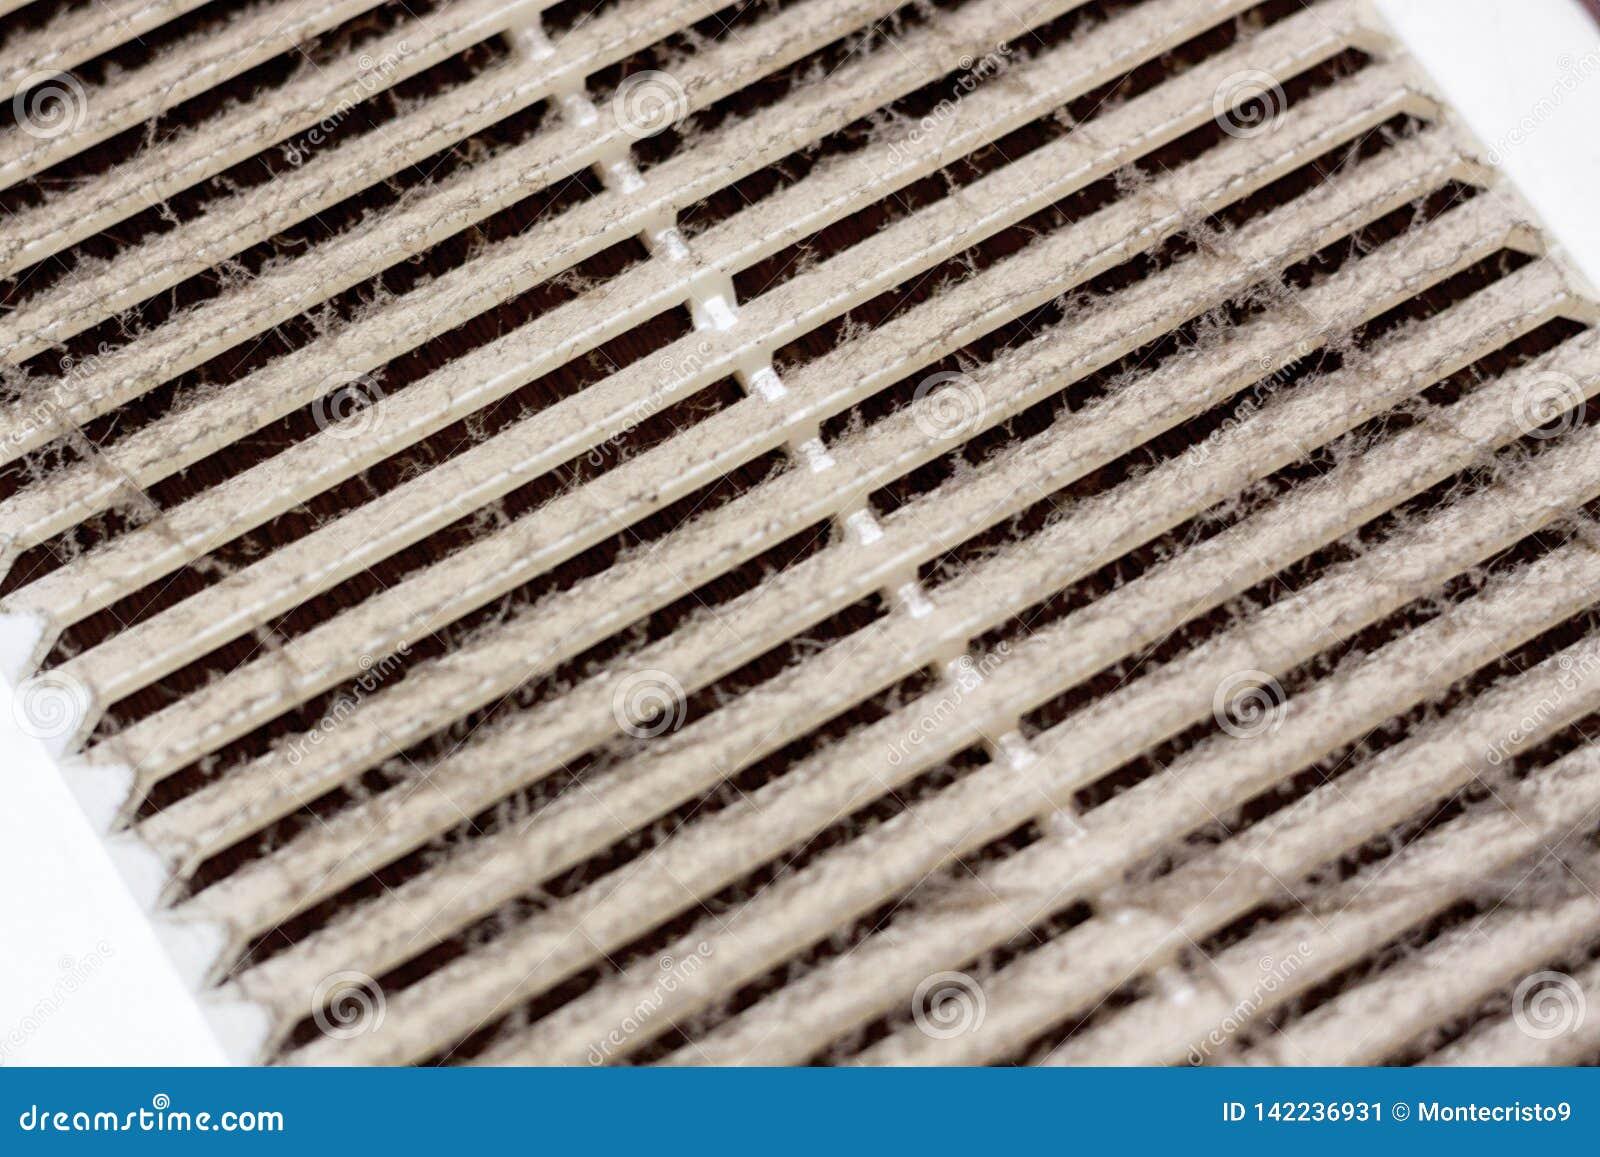 Czyści wentylacja klingerytu rama odkurza filtr całkowicie zatyka z pyłem i brudem Brudna wentylacja w pokoju